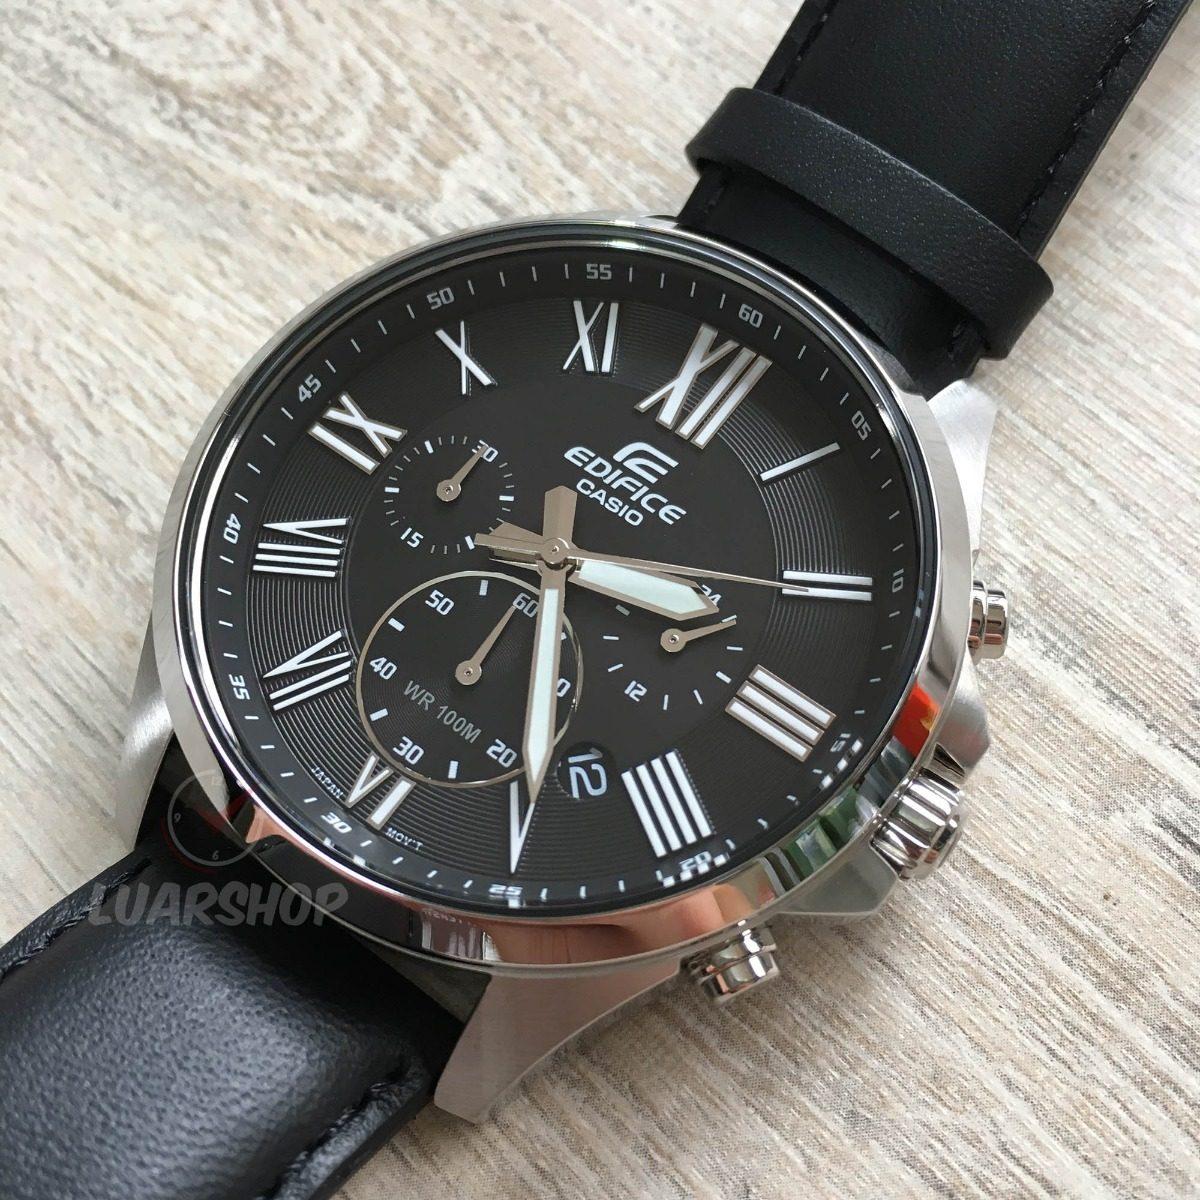 e8c163de217 Relogio Casio Edifice Masculino Cronografo Efv-500 Original - R  449 ...